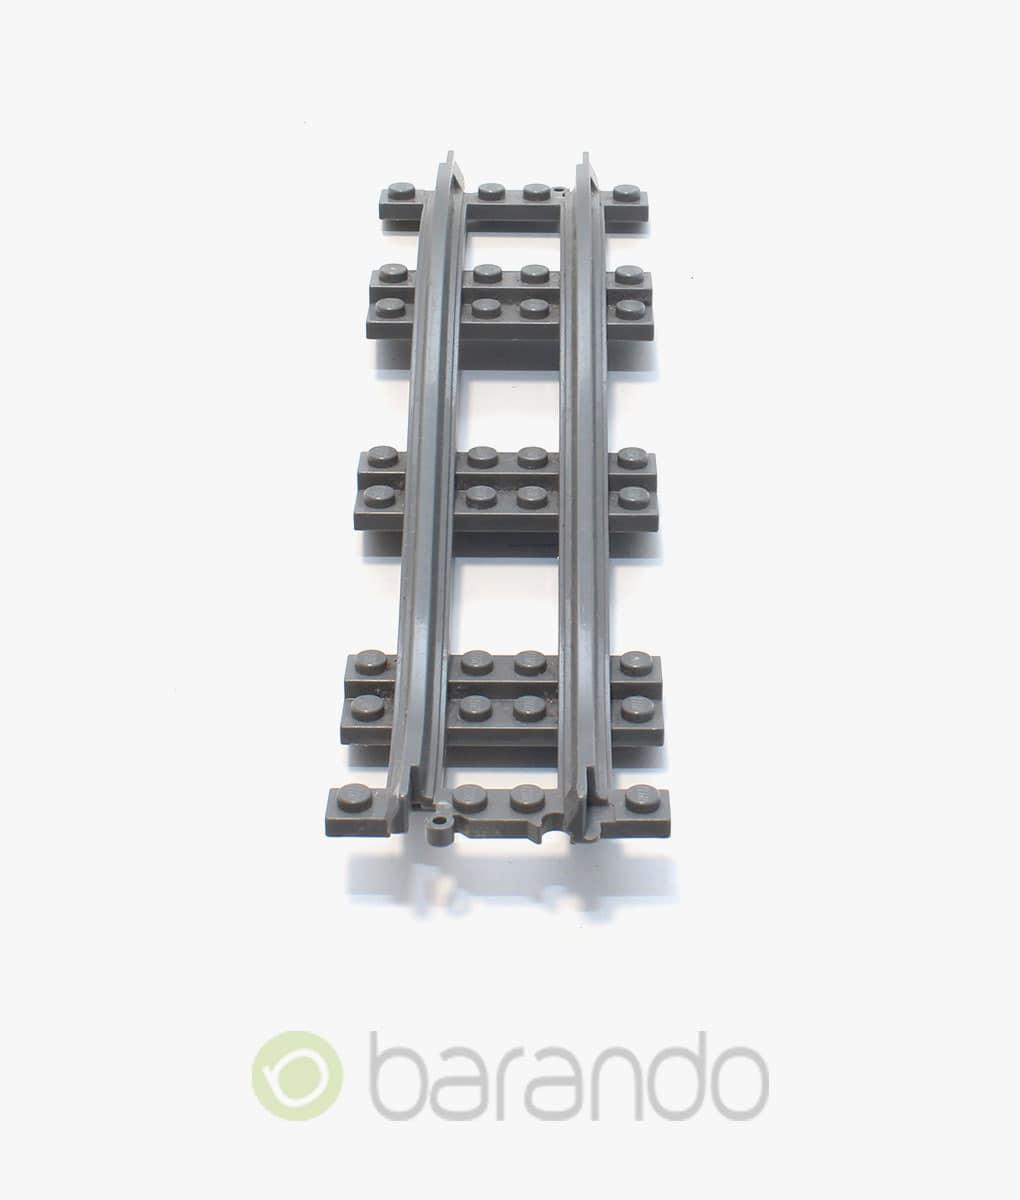 Lego Eisenbahn Rampe 85977 Online Kaufen Barando